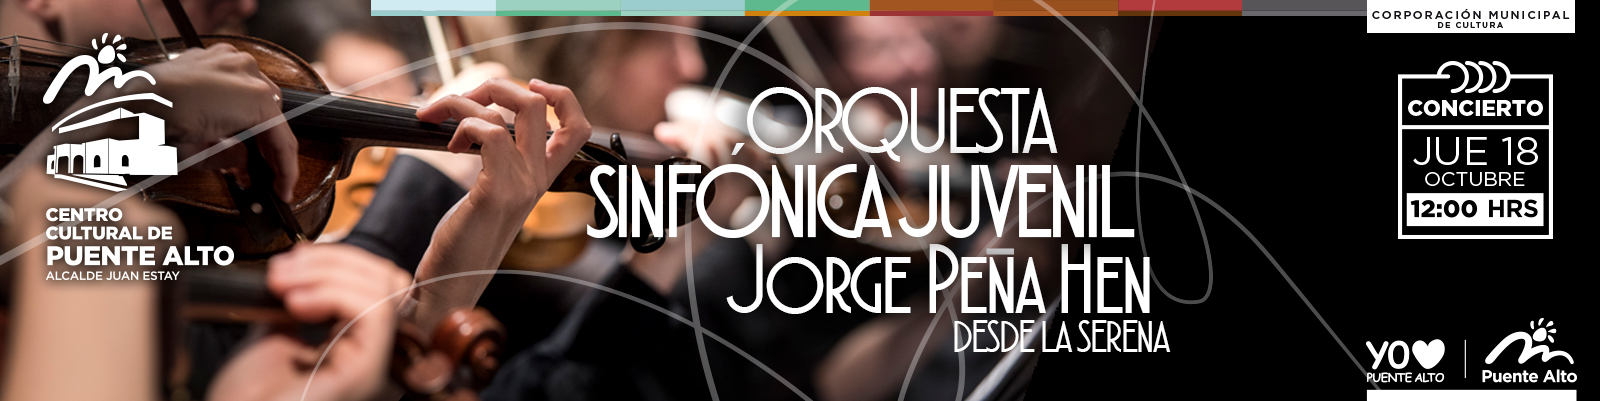 Concierto Orquesta Sinfónica Juvenil Jorge Peña Hen.